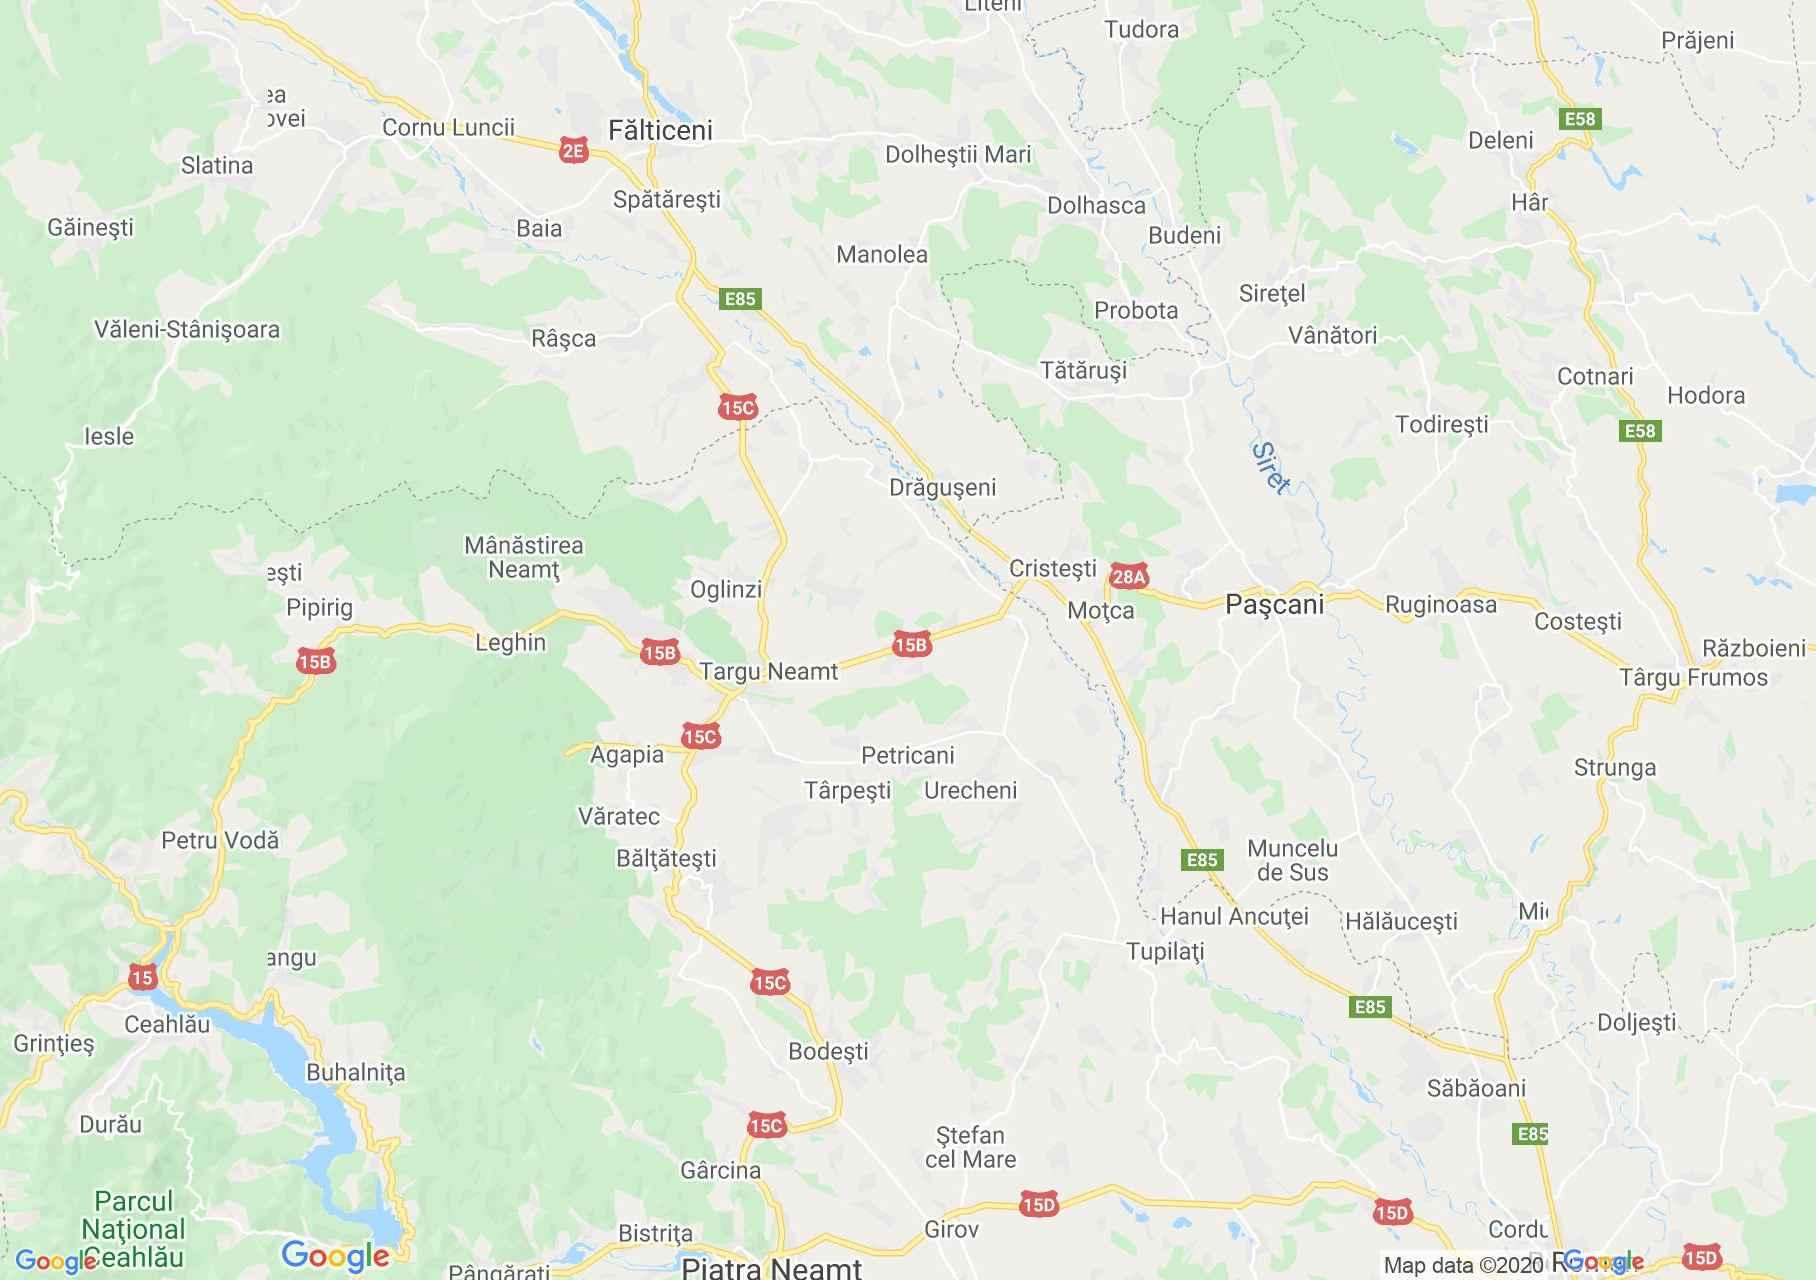 Folklor: Neamţ-i népviselet  (térkép)